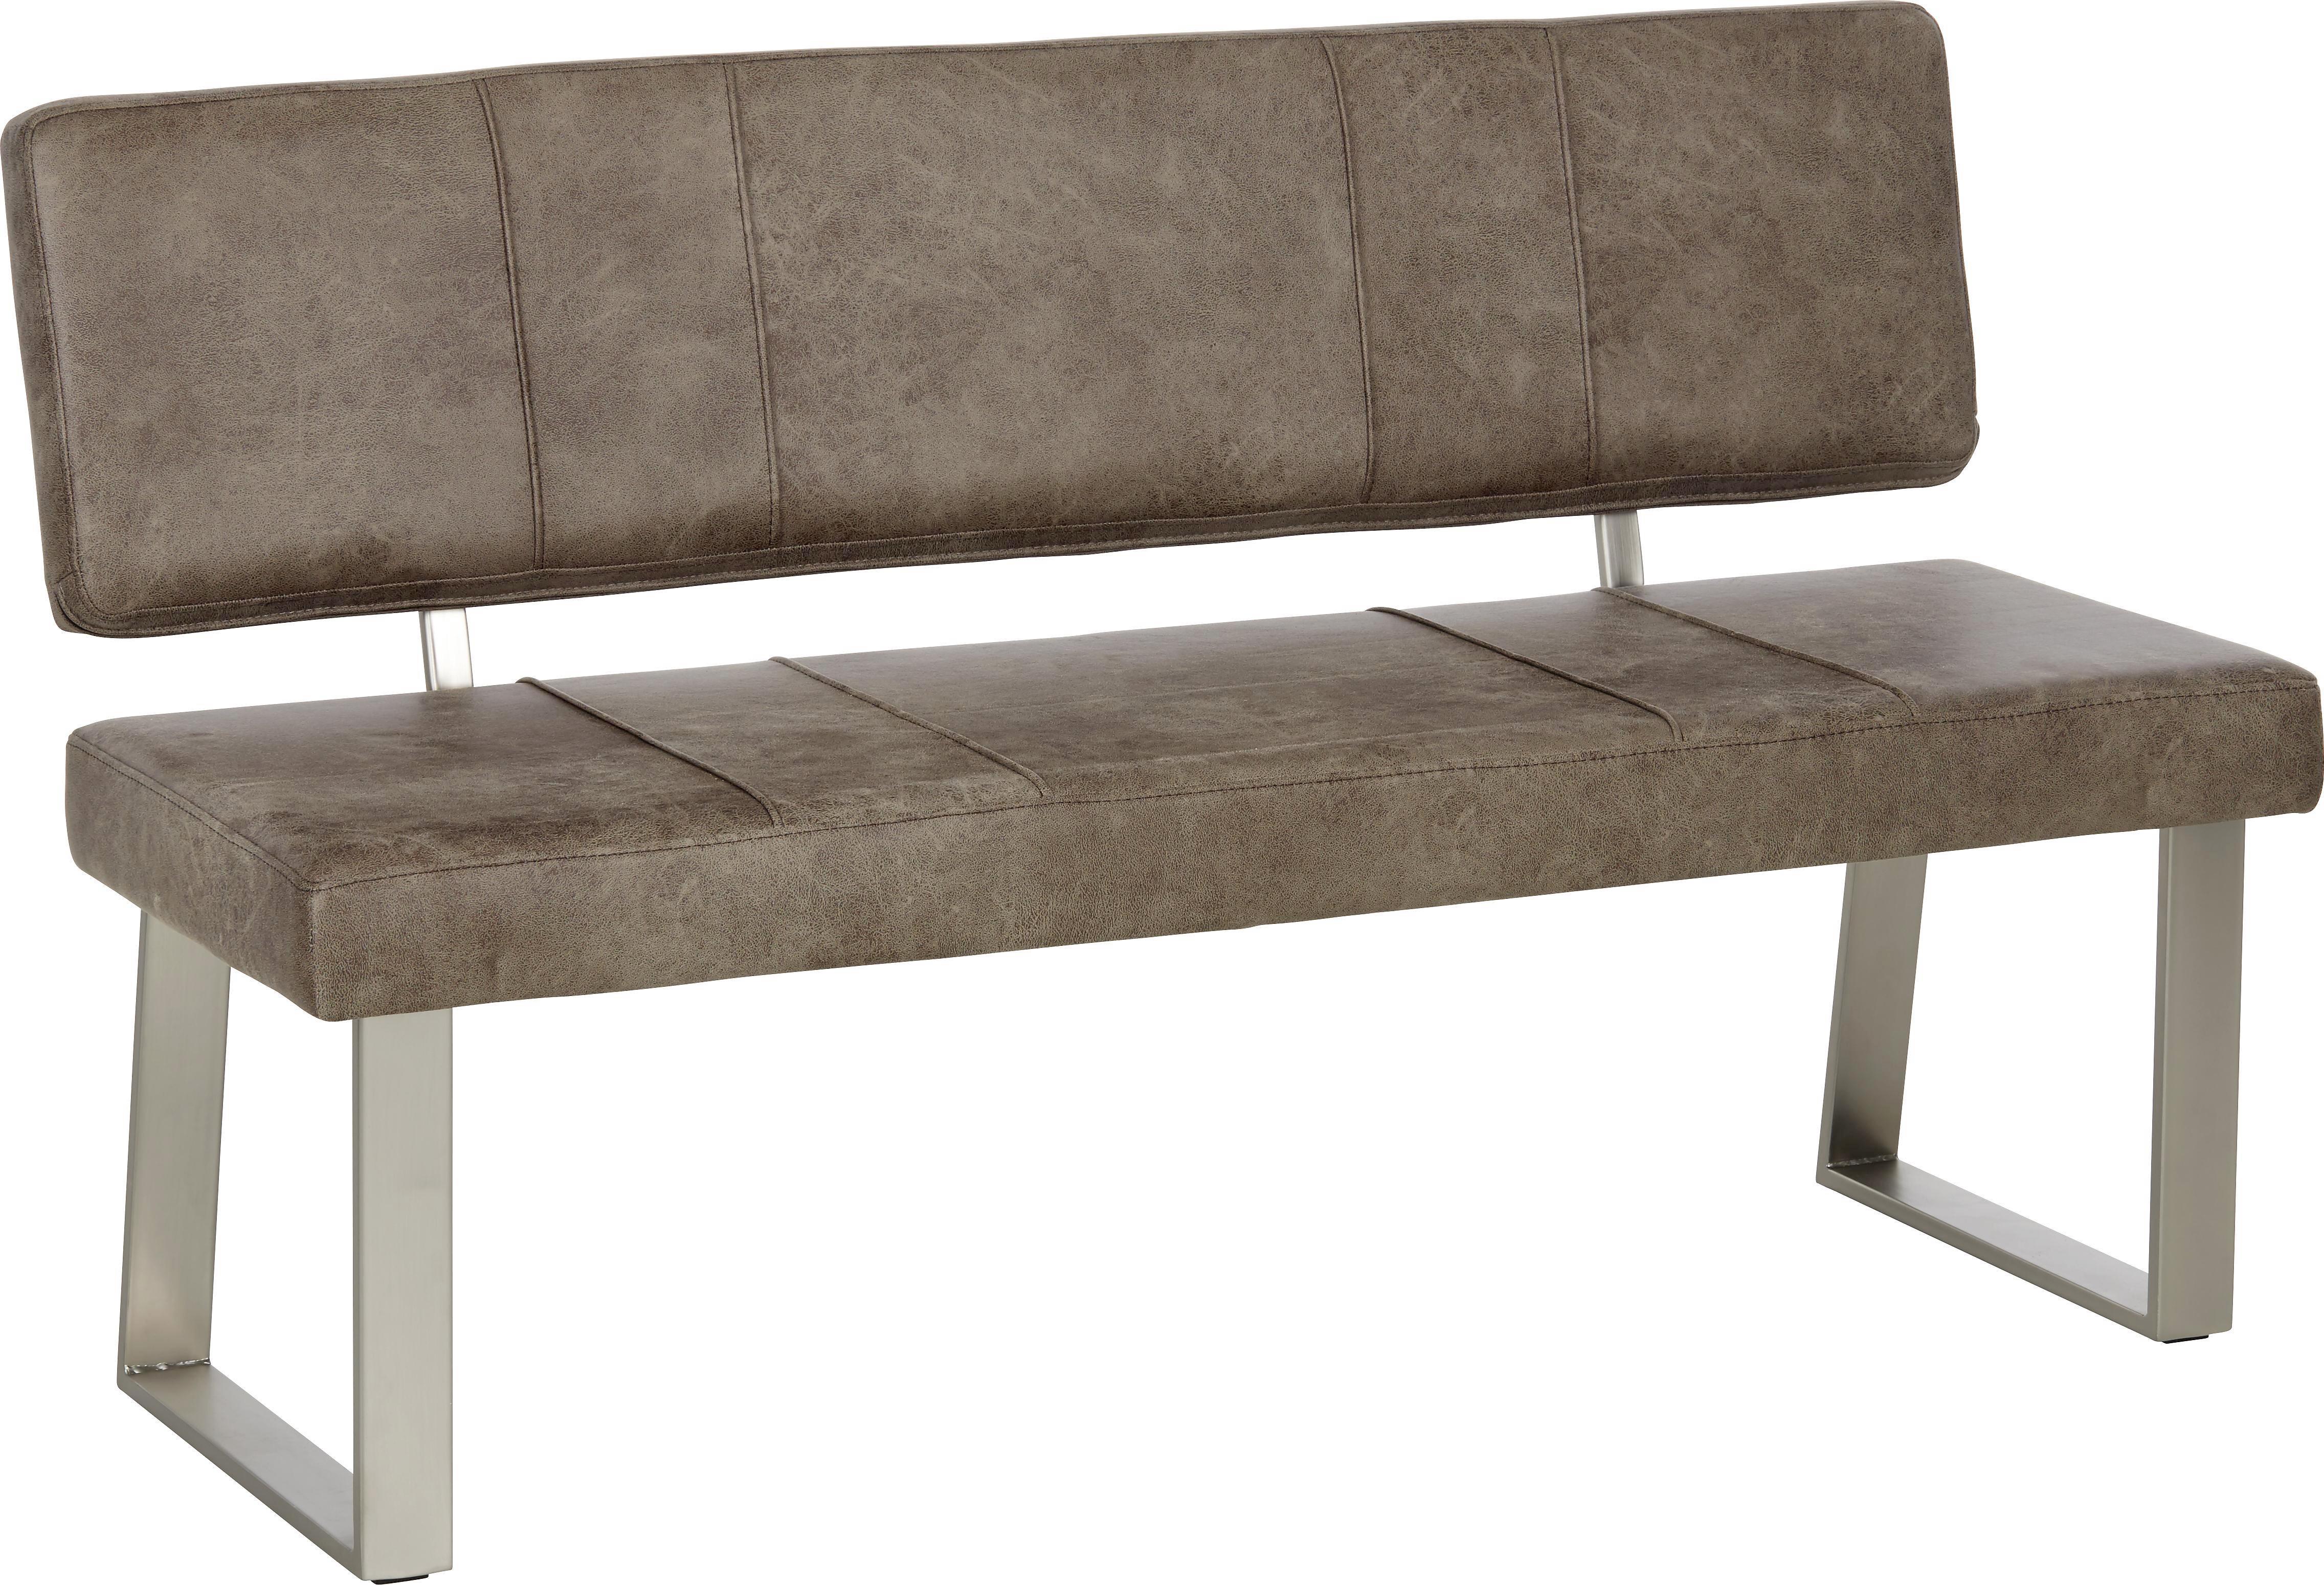 Sitzbank in Edelstahloptik - Chromfarben, MODERN, Kunststoff (140/85/58cm) - MÖMAX modern living